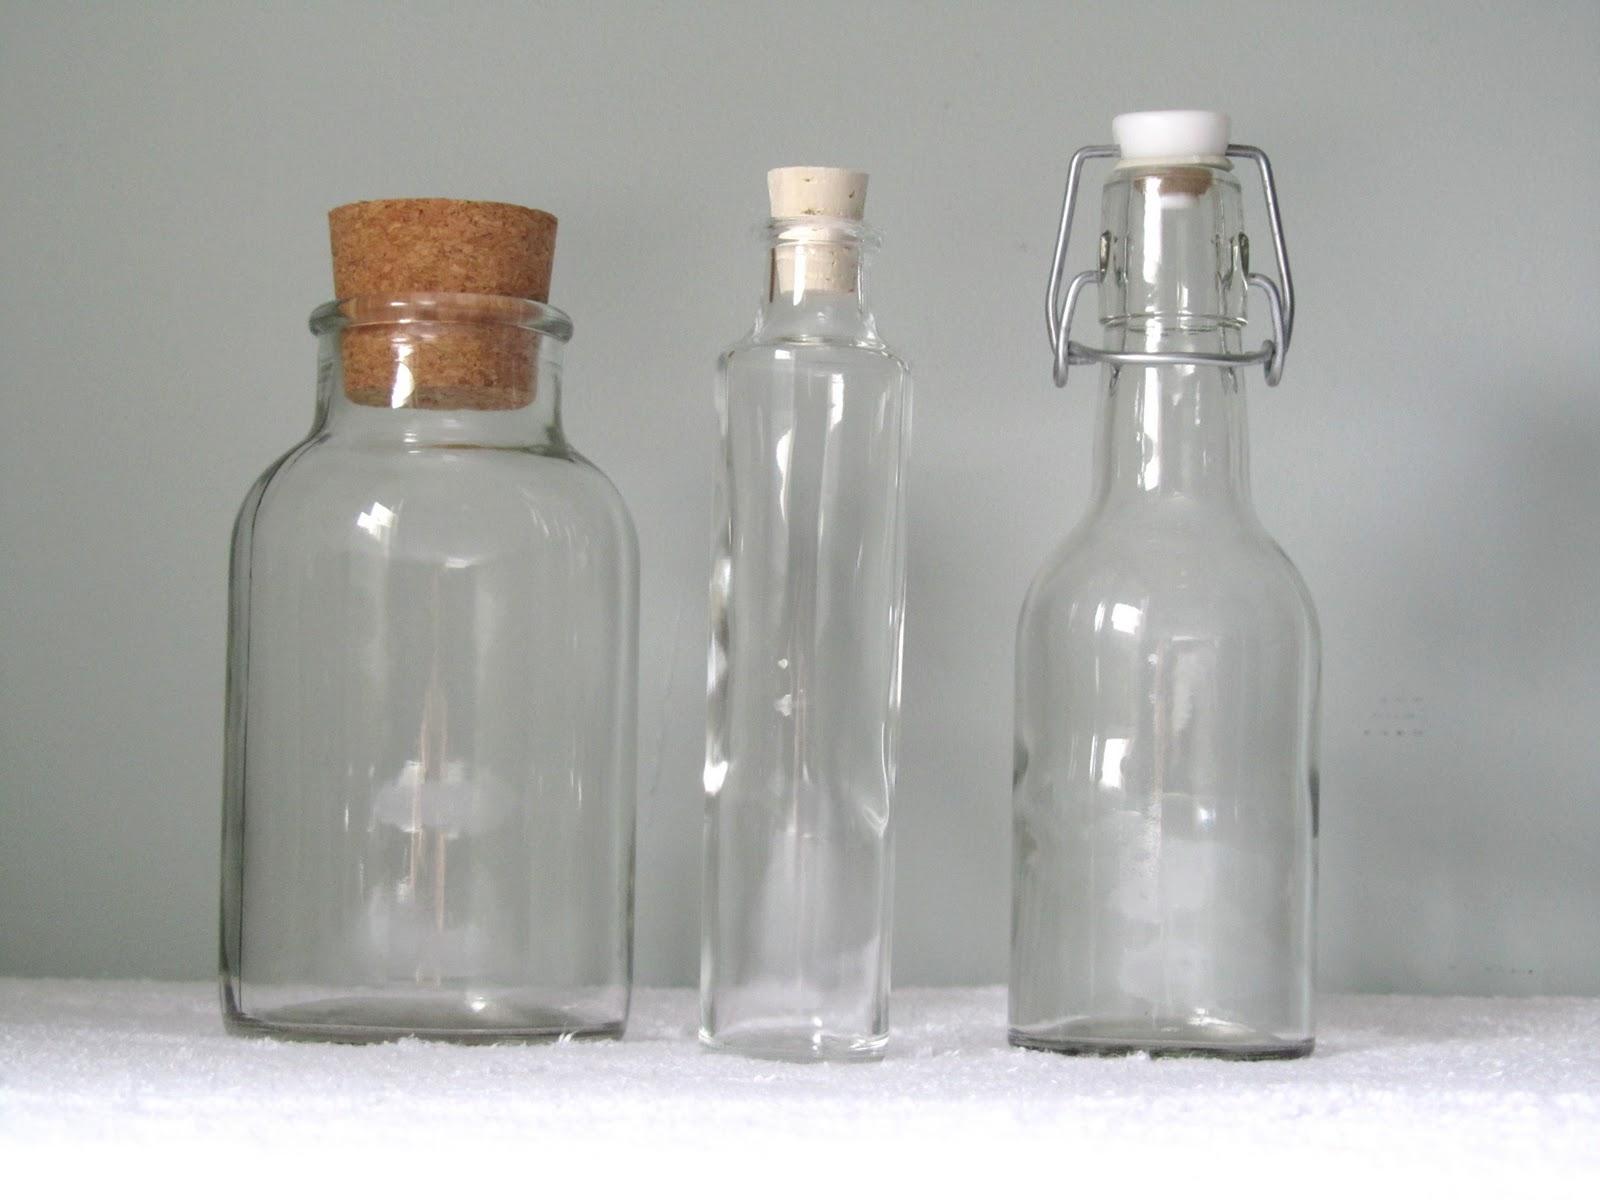 http://1.bp.blogspot.com/-tBLV8ikjhvM/TZJhKSQLCaI/AAAAAAAACX0/YNP_eX8nFcs/s1600/A%26A%20glass%20bottles.JPG